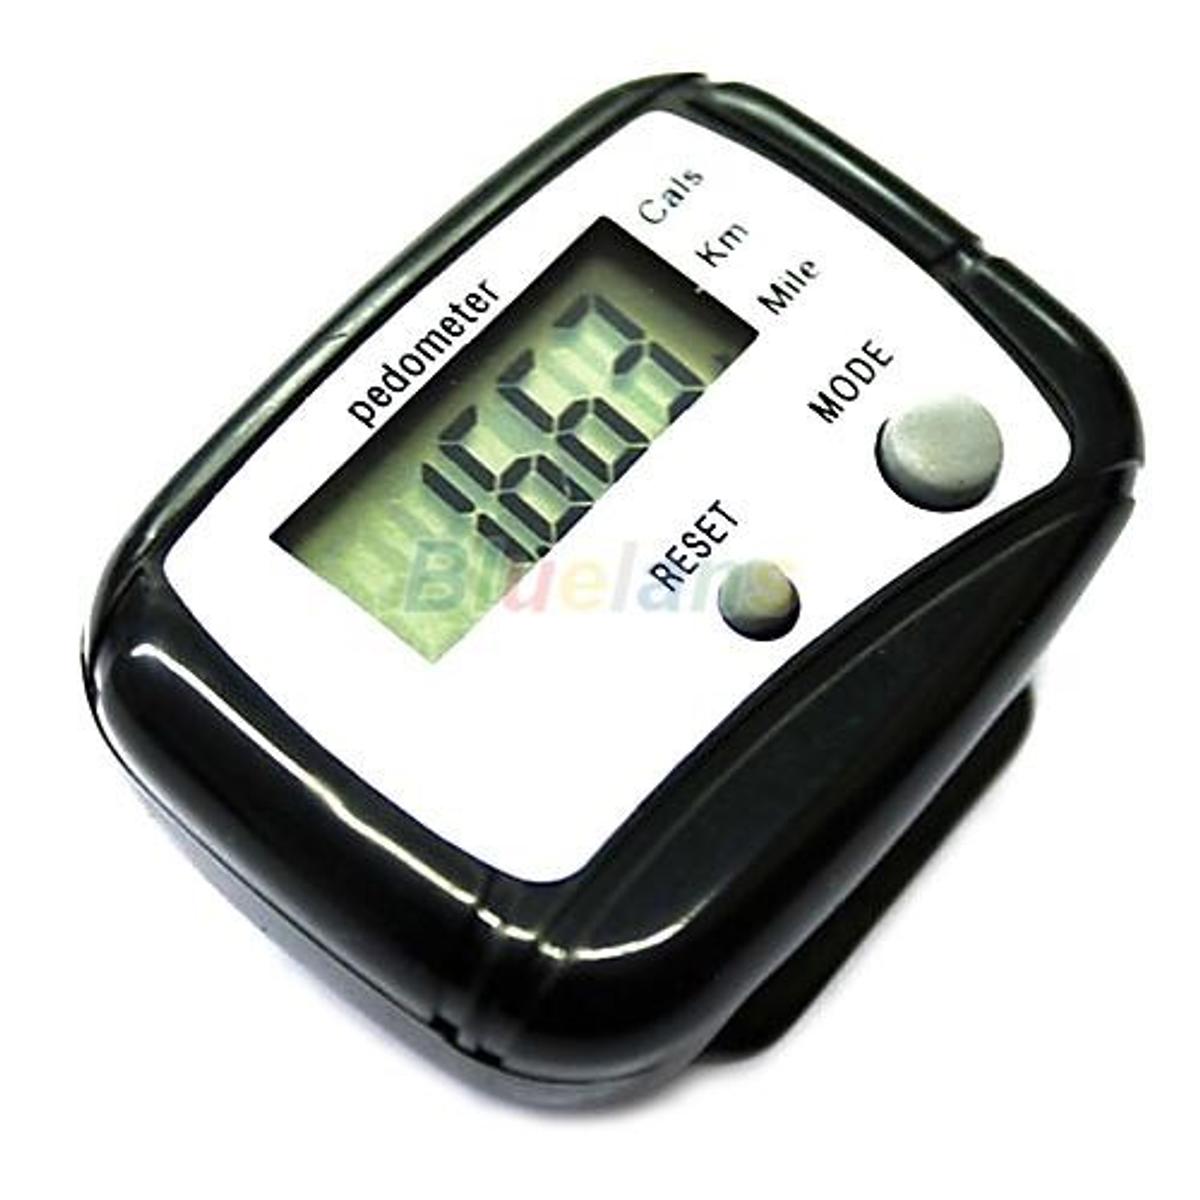 Skritteller Digital Pedometer